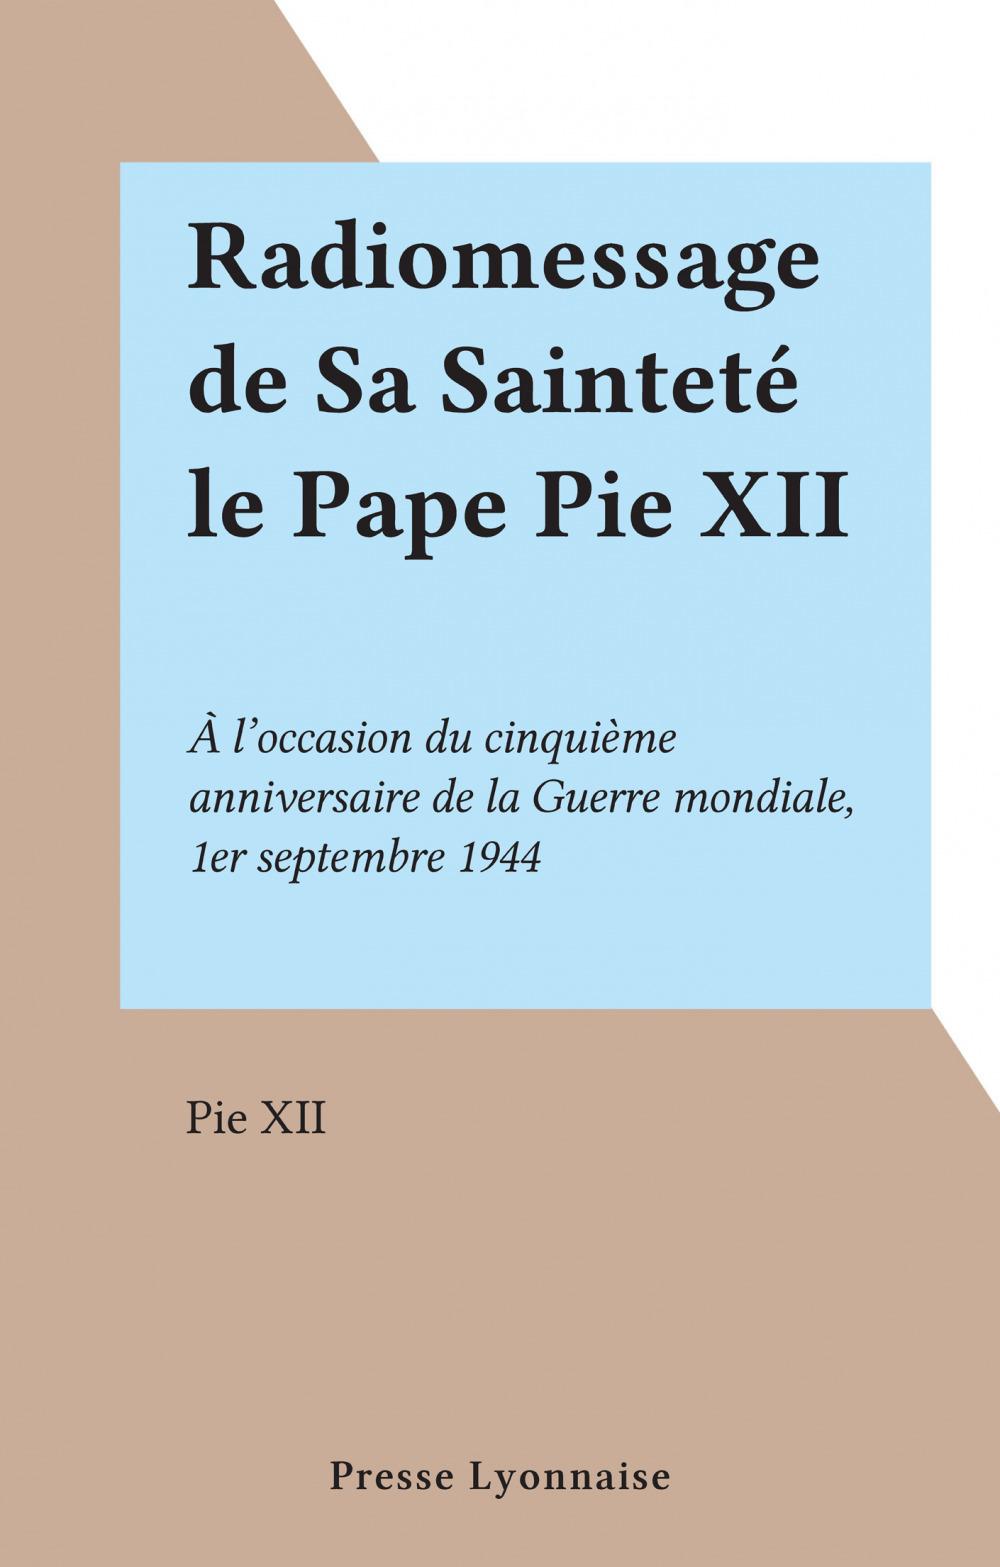 Radiomessage de Sa Sainteté le Pape Pie XII